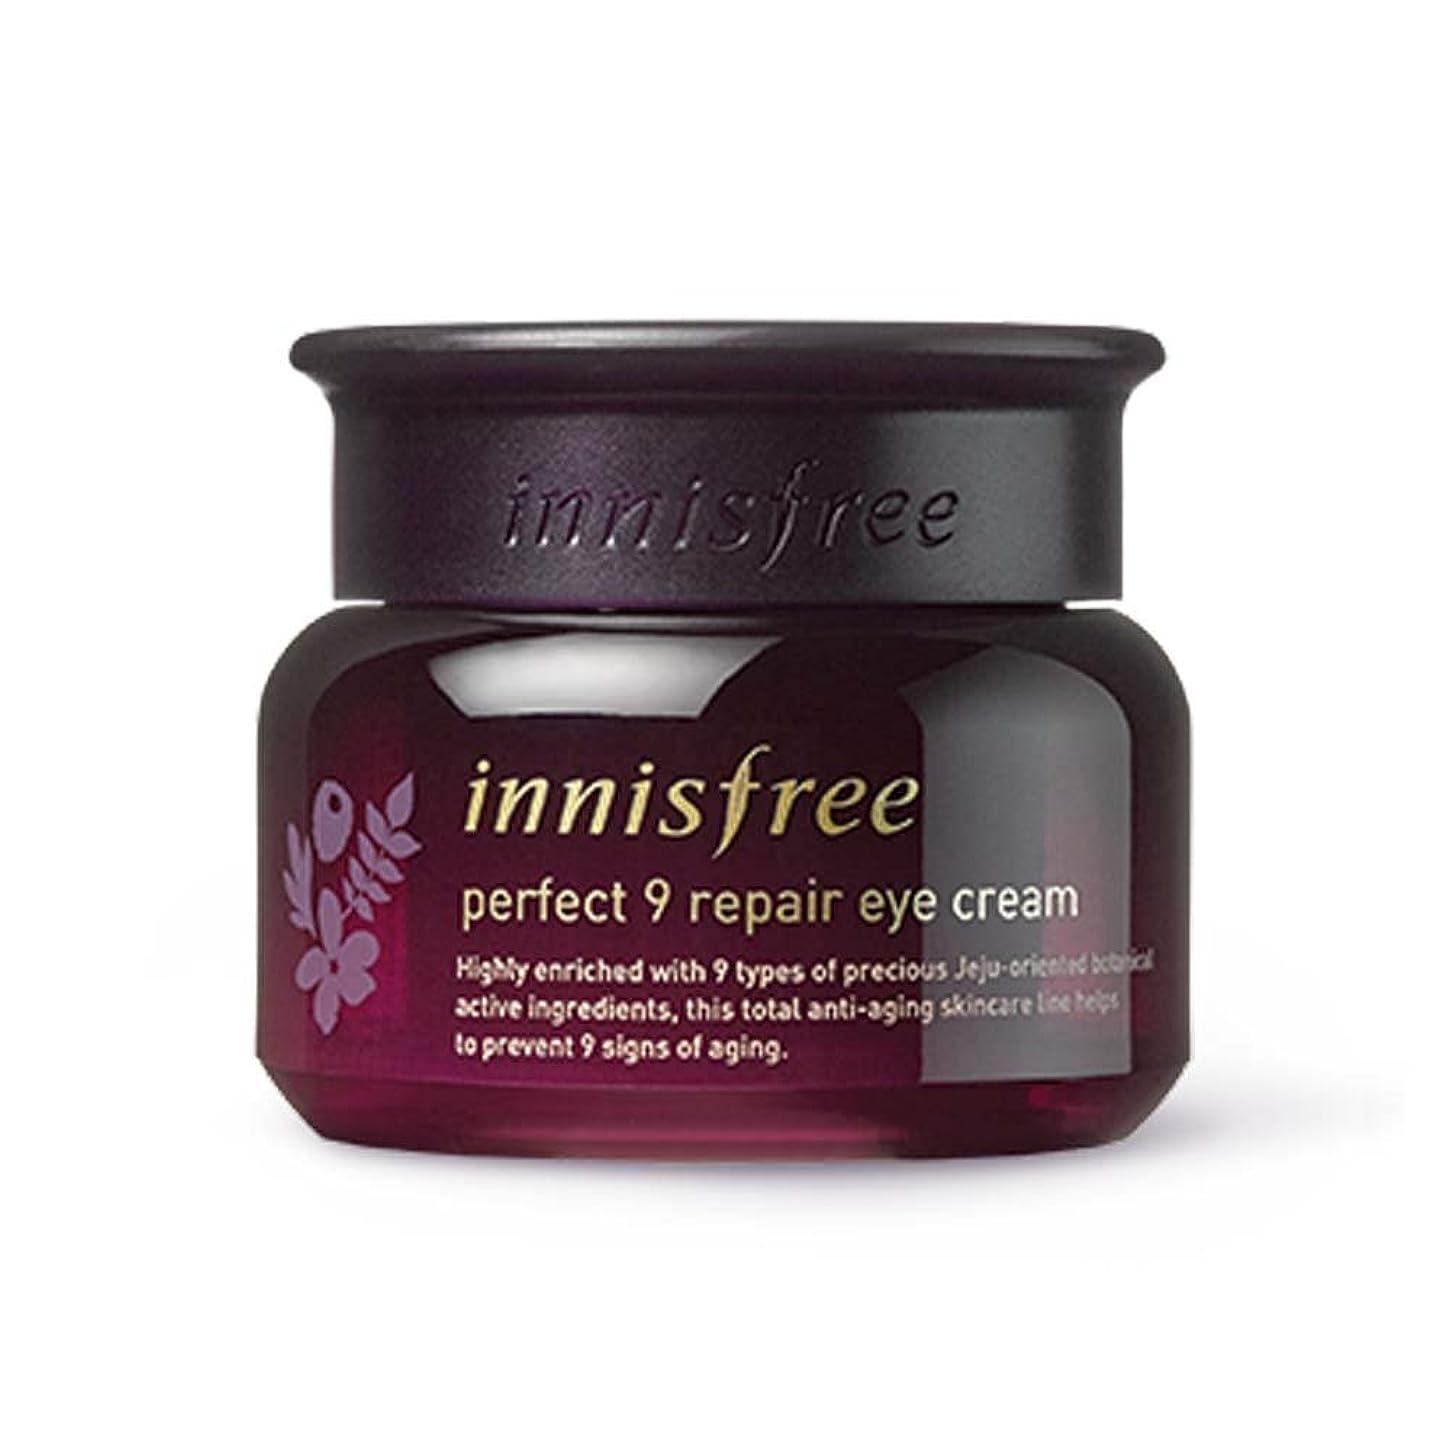 取り壊すインク馬鹿げた【innisfree】イニスフリー パーフェクト9 リペアアイクリーム 30ml(Perfect 9 repair eye cream 30ml)